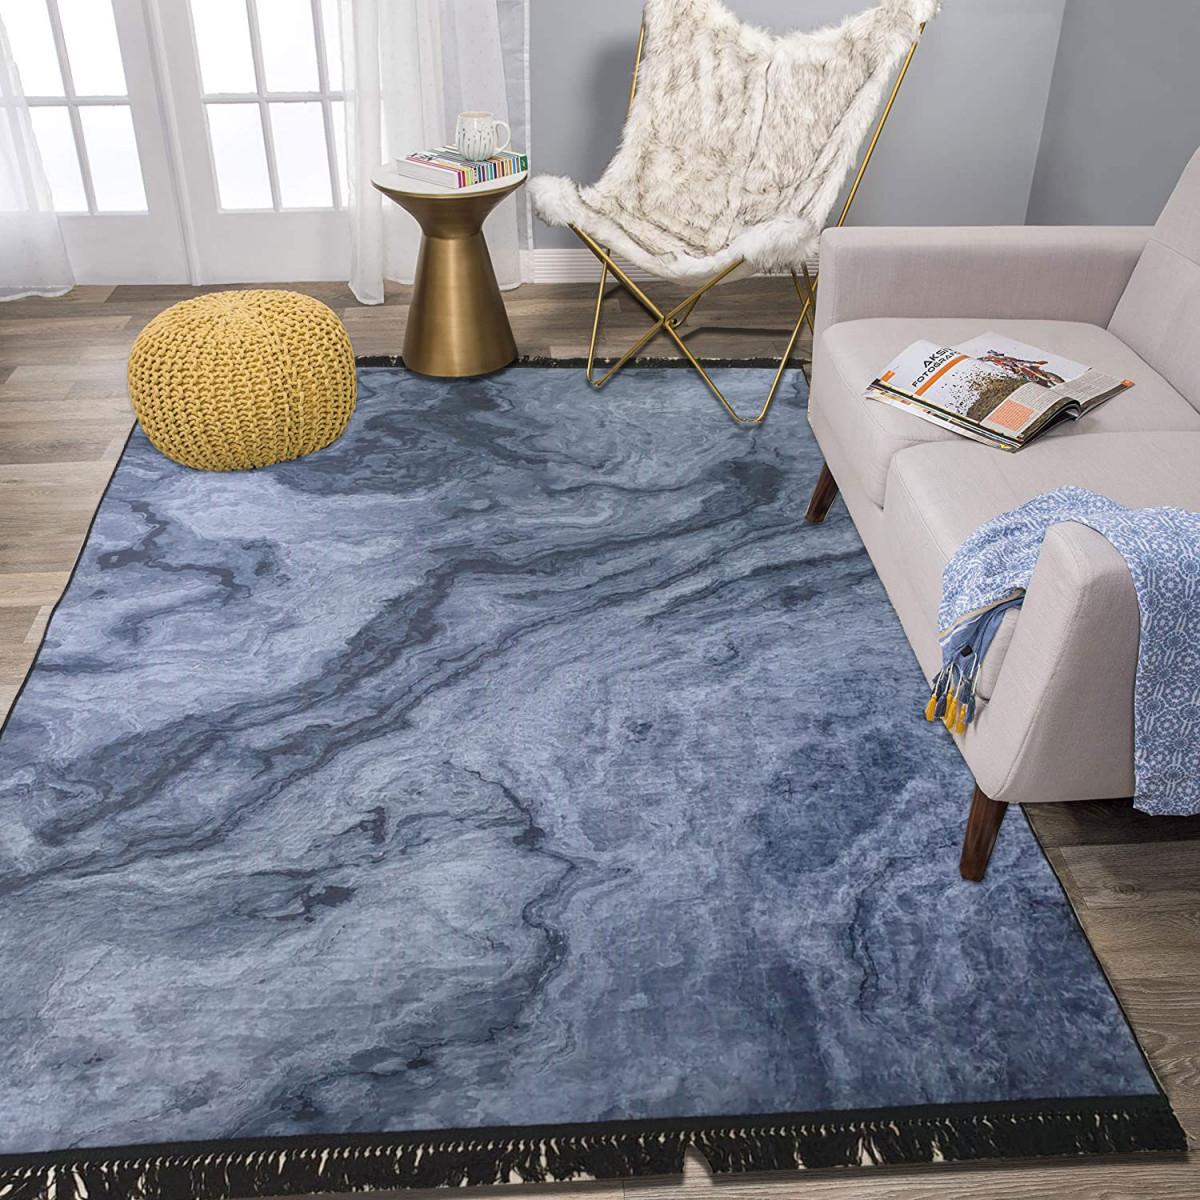 Teppich Wohnzimmer Waschbarer Pflegeleicht Strapazierfähig Und  Schadstoffgeprüft Teppichläufer Rutsc von Pflegeleichter Teppich Wohnzimmer Bild